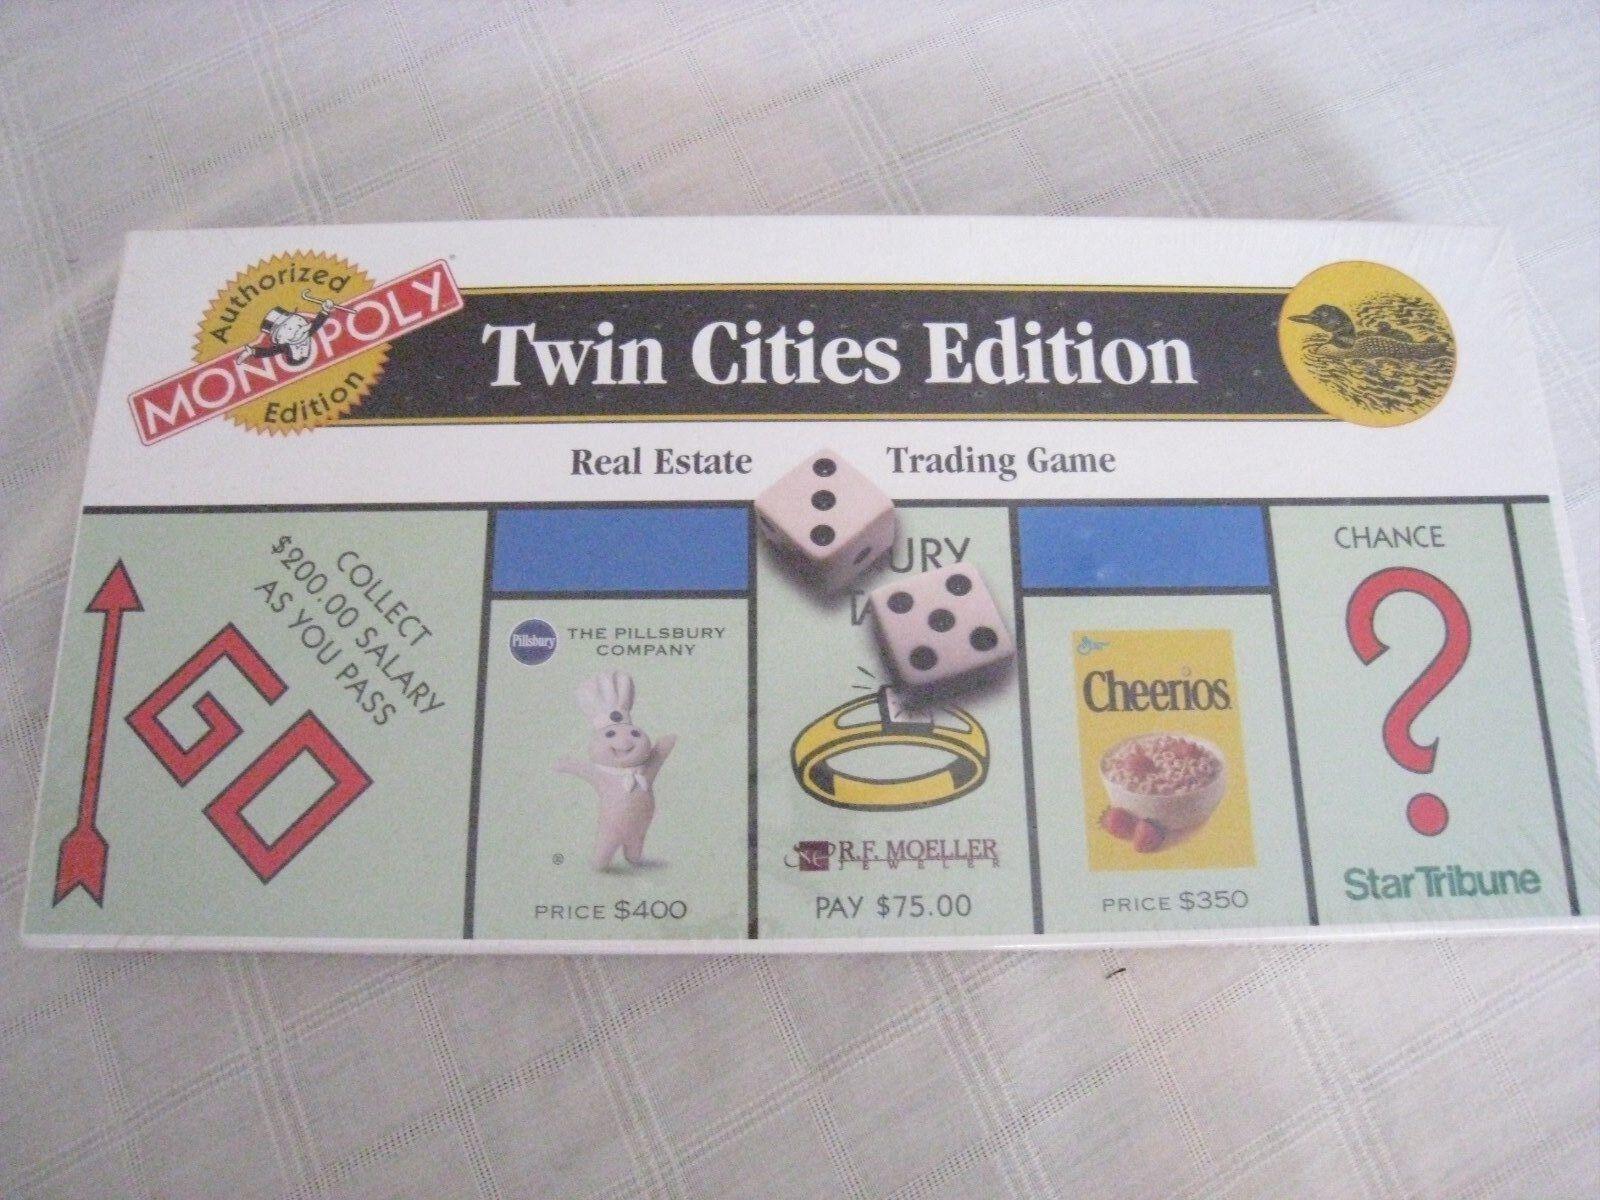 Monopol twincities ausgabe immobilien mit spiel - neue versiegelten kiste selten